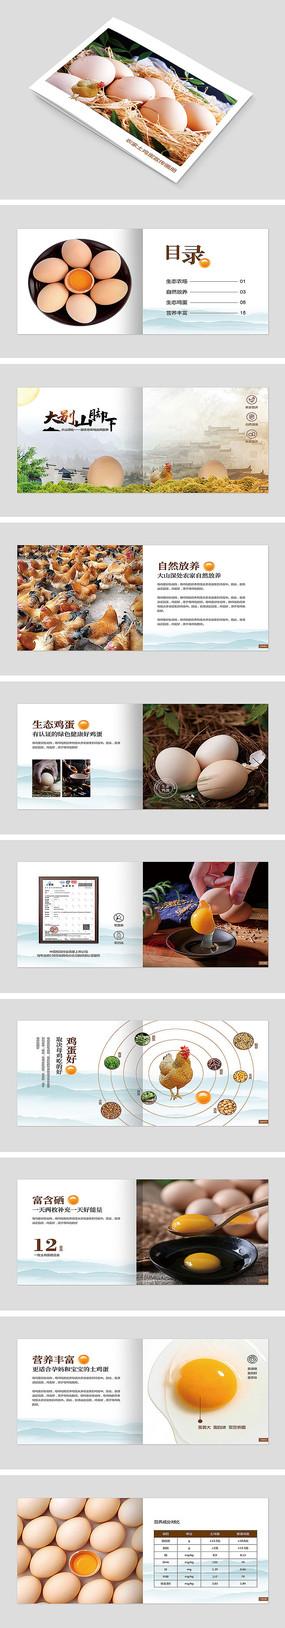 土鸡蛋促销宣传画册